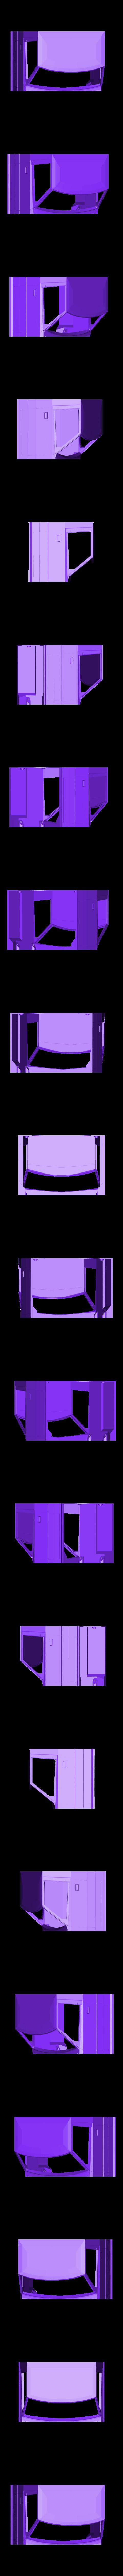 LongWB02-windows.stl Télécharger fichier STL gratuit Corps de ramassage à échelle RC. • Modèle à imprimer en 3D, tahustvedt